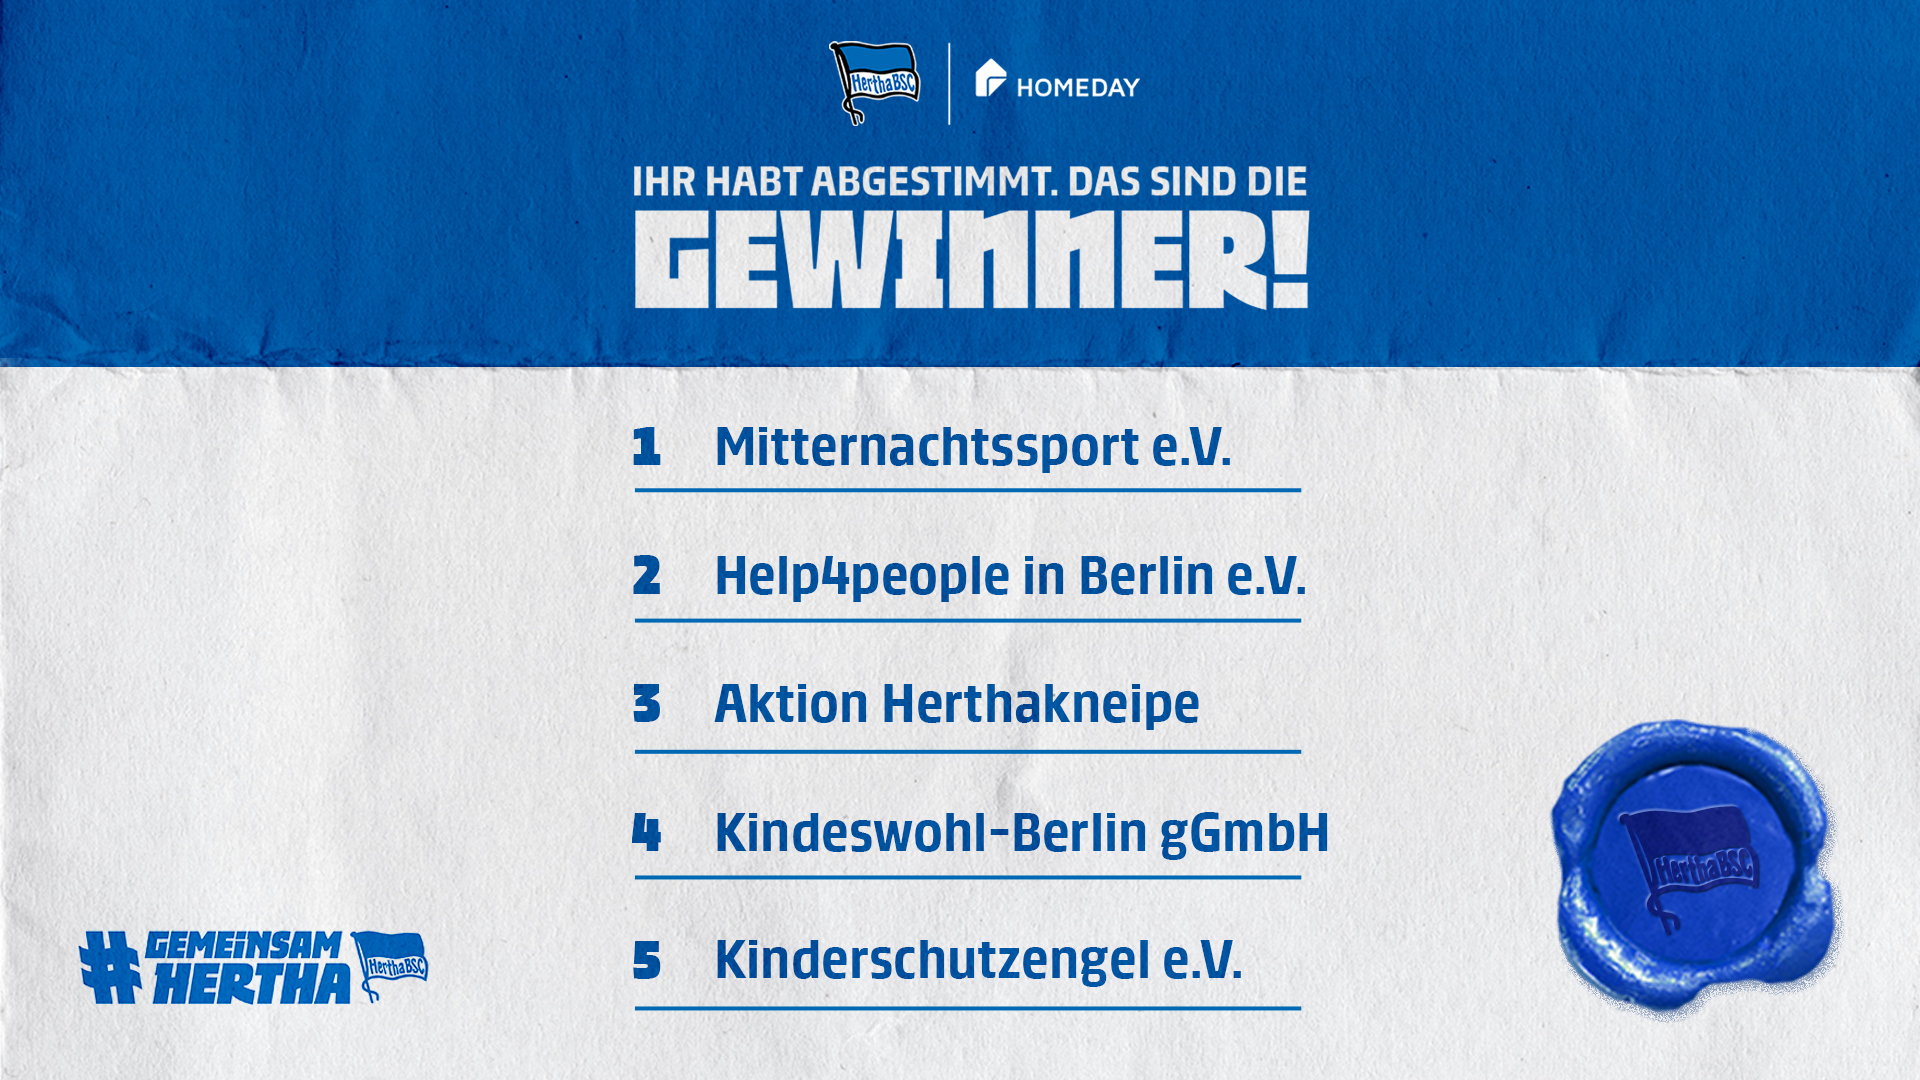 Die Gewinner der Aktion 'Gemeinsam Hertha - für Berlin'